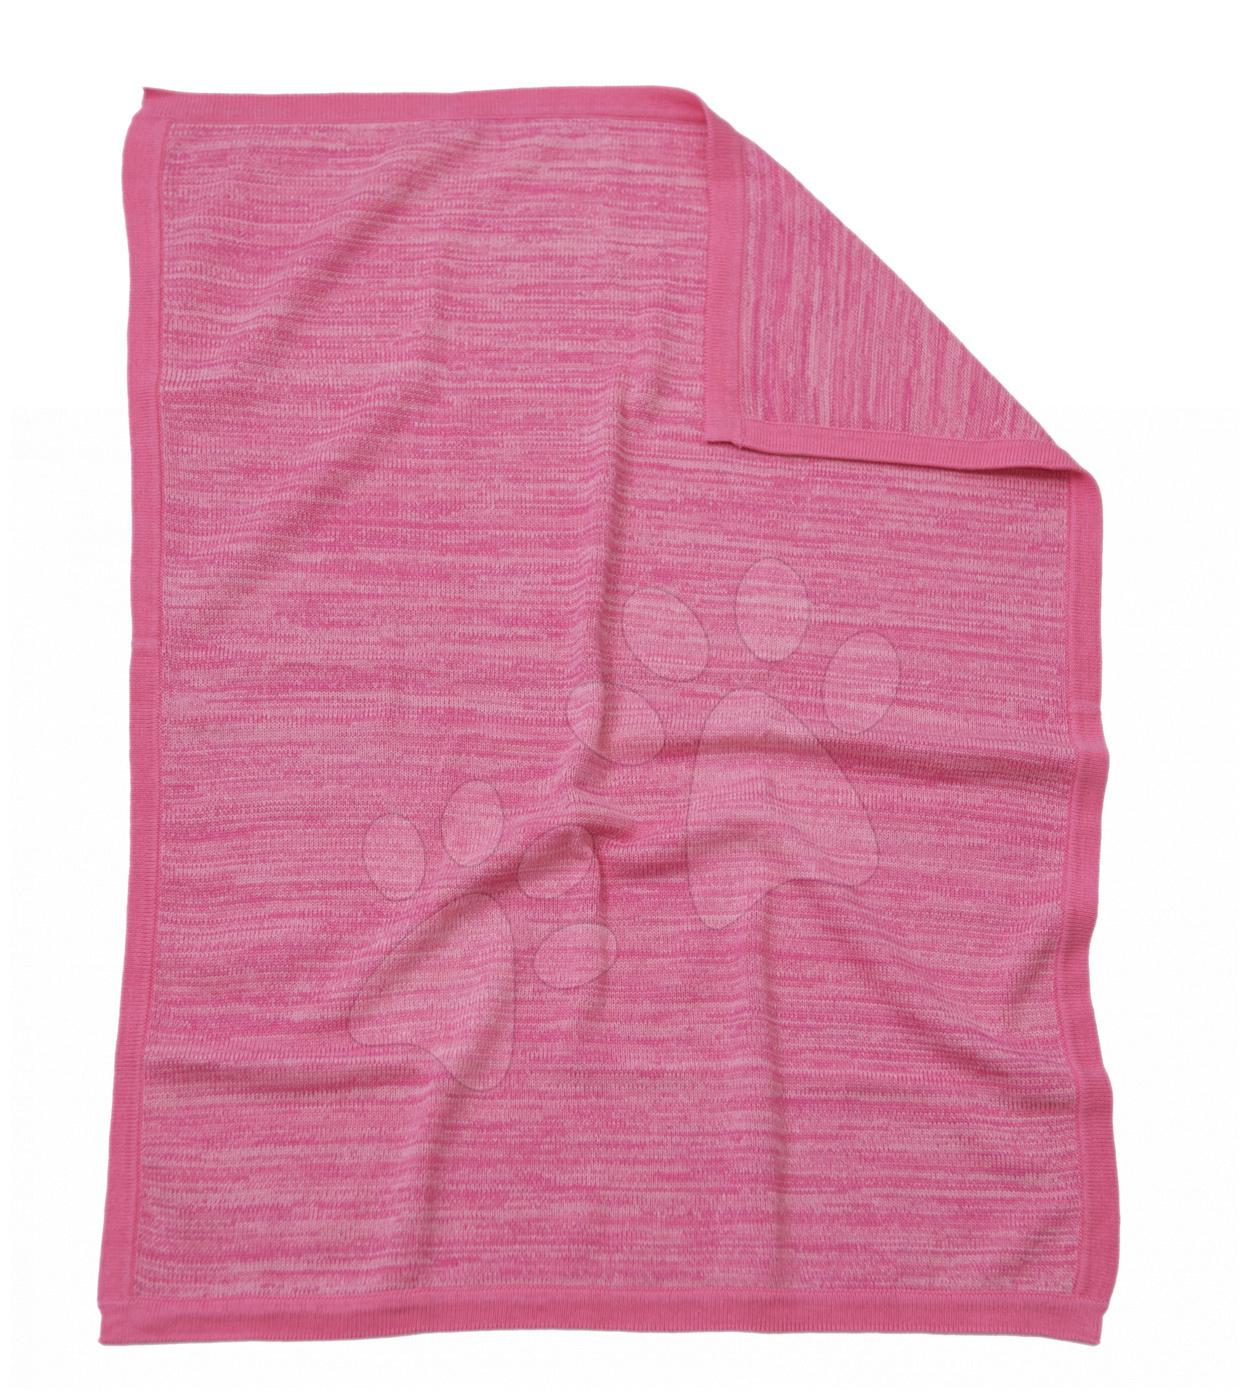 Pletená deka pro nejmenší Joy toTs-smarTrike 100% přírodní bavlna růžová od 0 měsíců